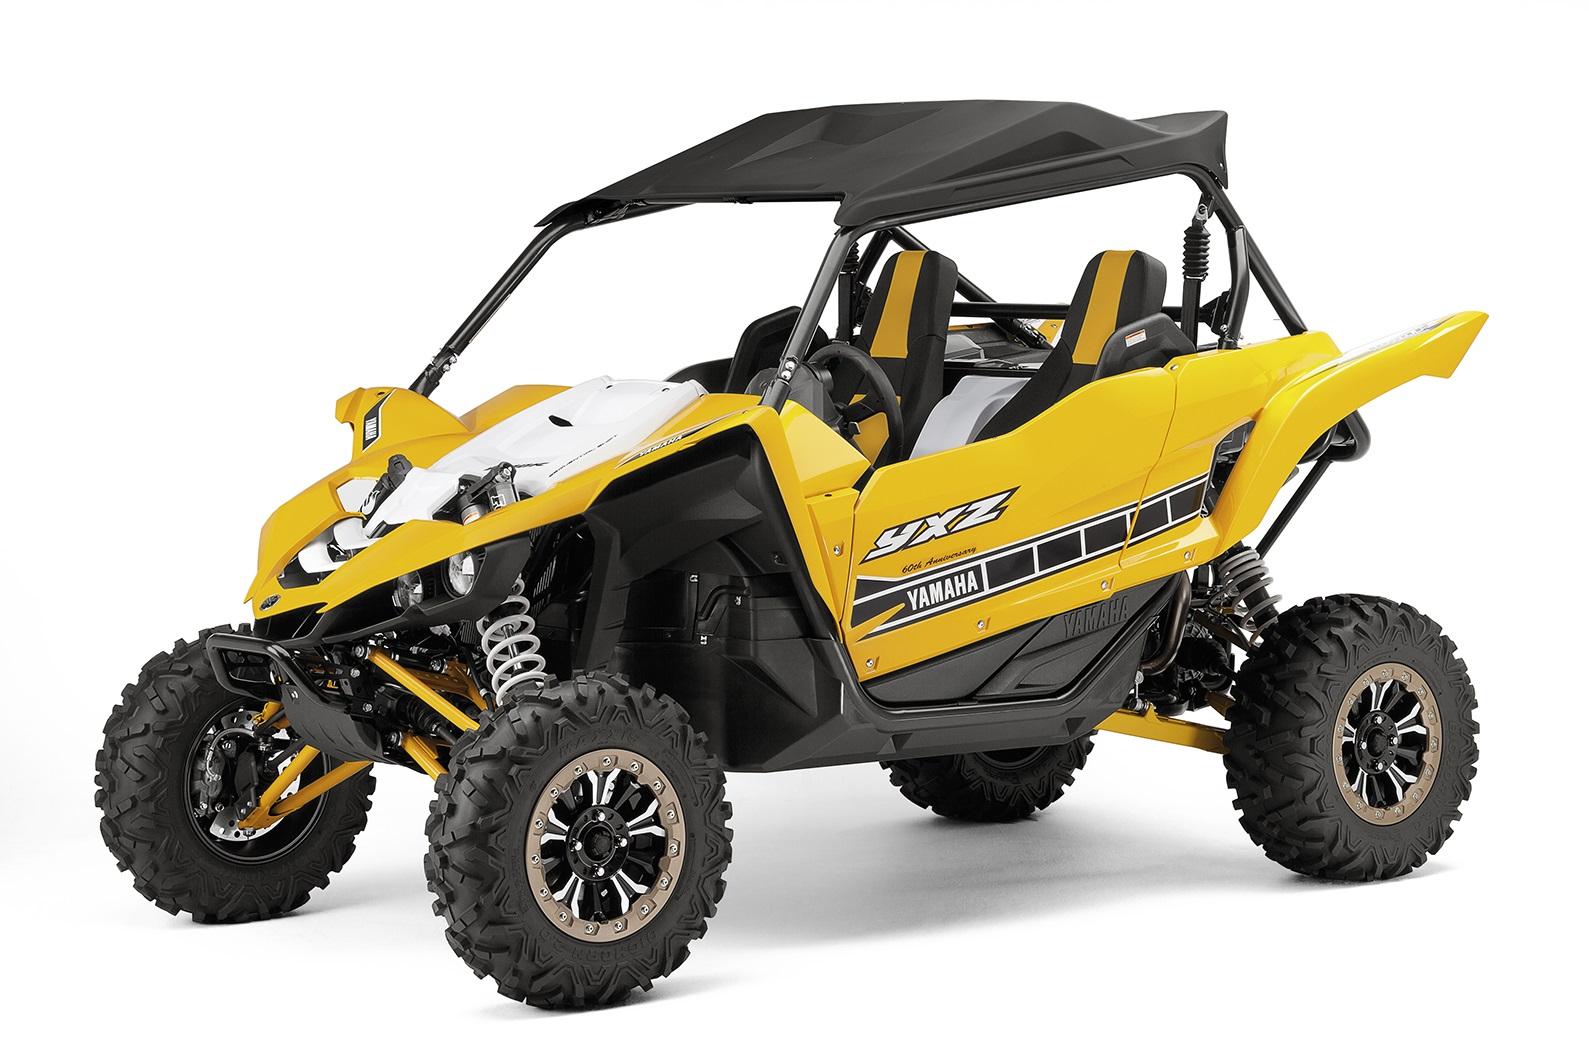 Yamaha introduces all new yxz1000r utv weekly utv weekly yamaha yellow white se publicscrutiny Images